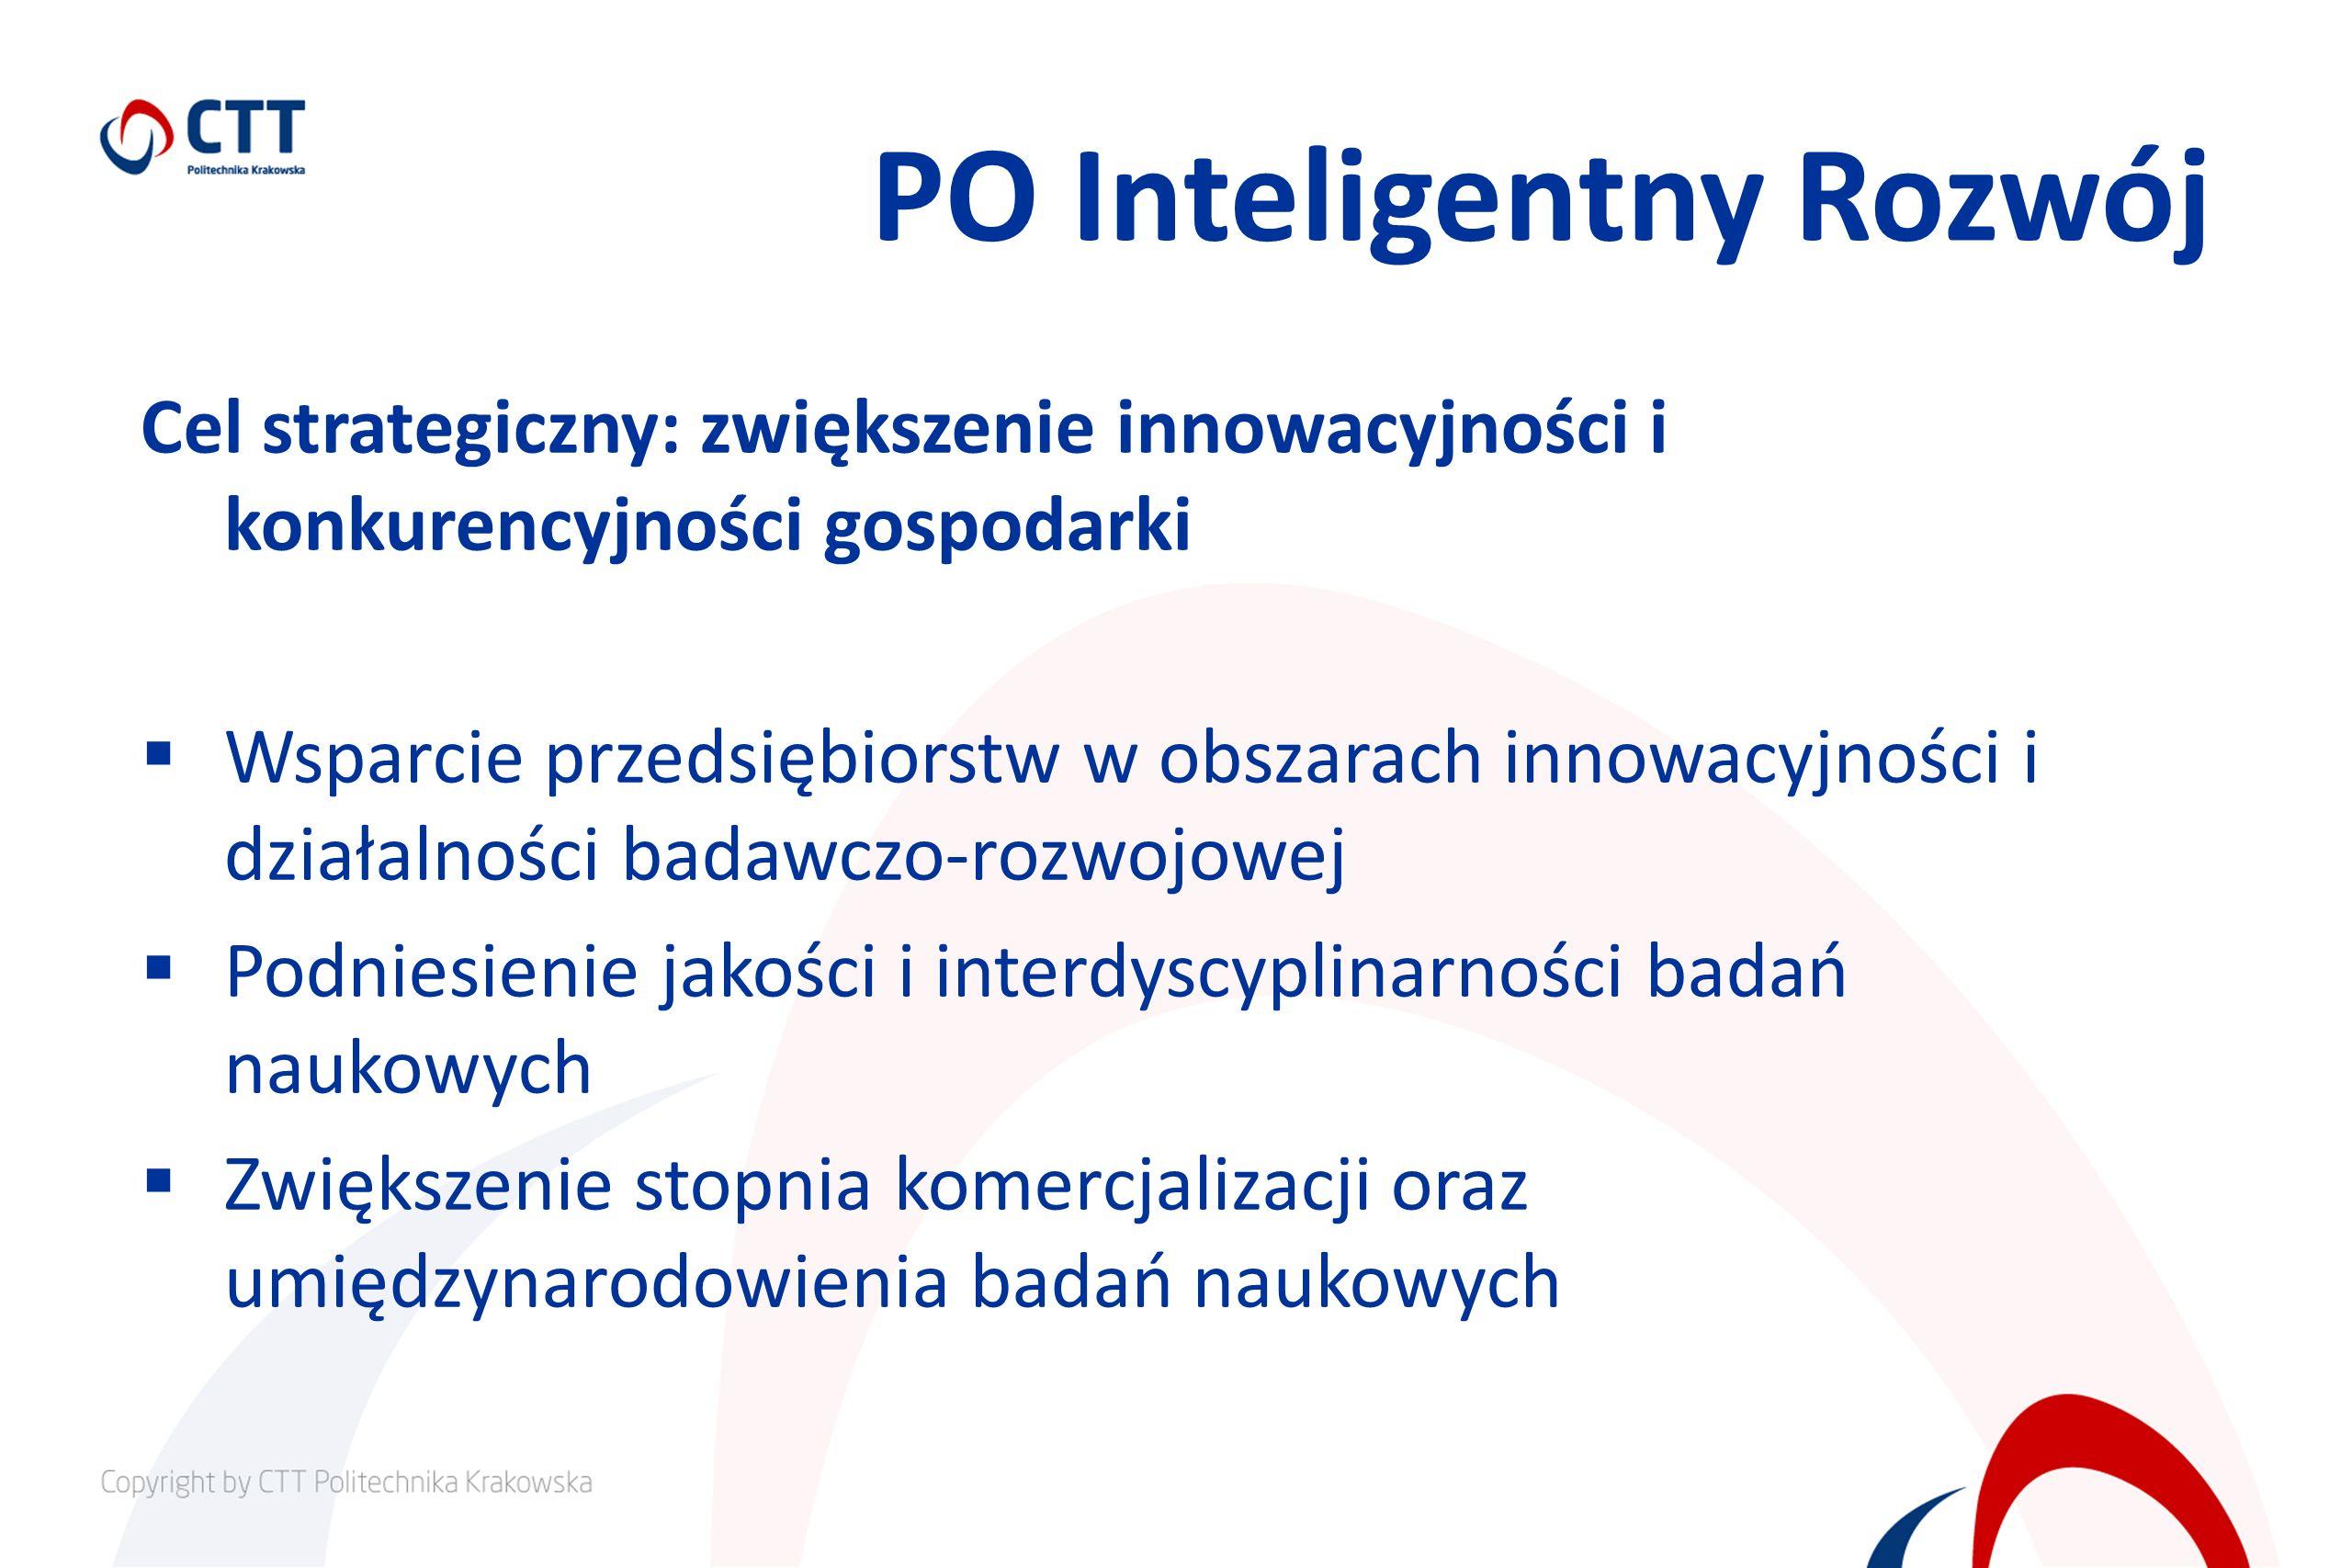 PO Inteligentny Rozwój Cel strategiczny: zwiększenie innowacyjności i konkurencyjności gospodarki Wsparcie przedsiębiorstw w obszarach innowacyjności i działalności badawczo-rozwojowej Podniesienie jakości i interdyscyplinarności badań naukowych Zwiększenie stopnia komercjalizacji oraz umiędzynarodowienia badań naukowych